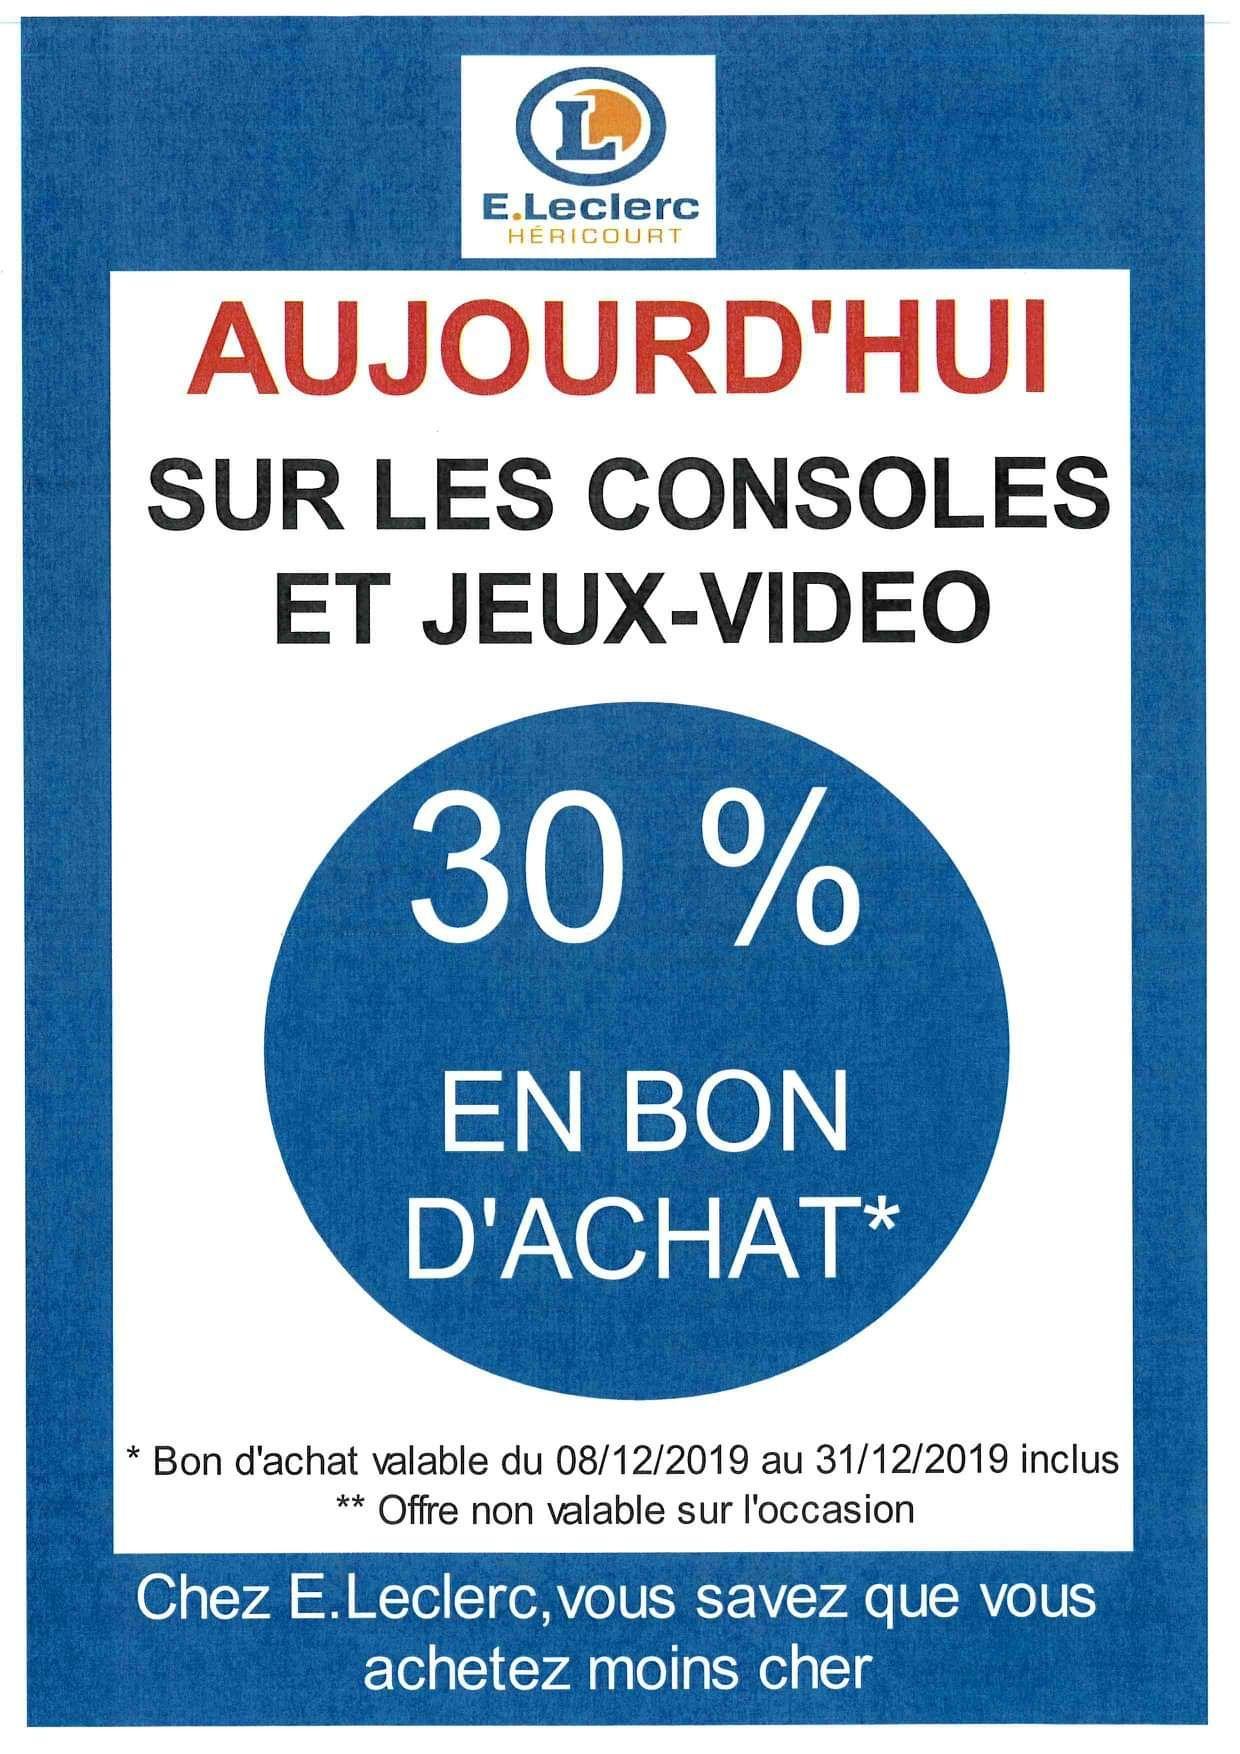 30% offerts en bon d'achat sur les consoles et jeux vidéo (Hericourt 70)